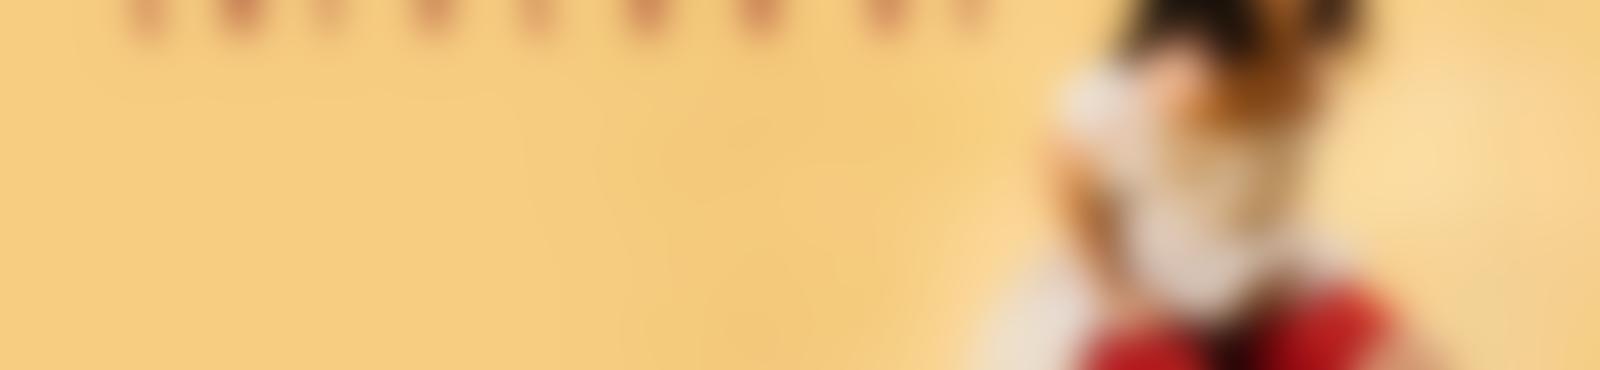 Blurred a59f1302 e1c5 4d0c 8bc5 d97d564fb1a1